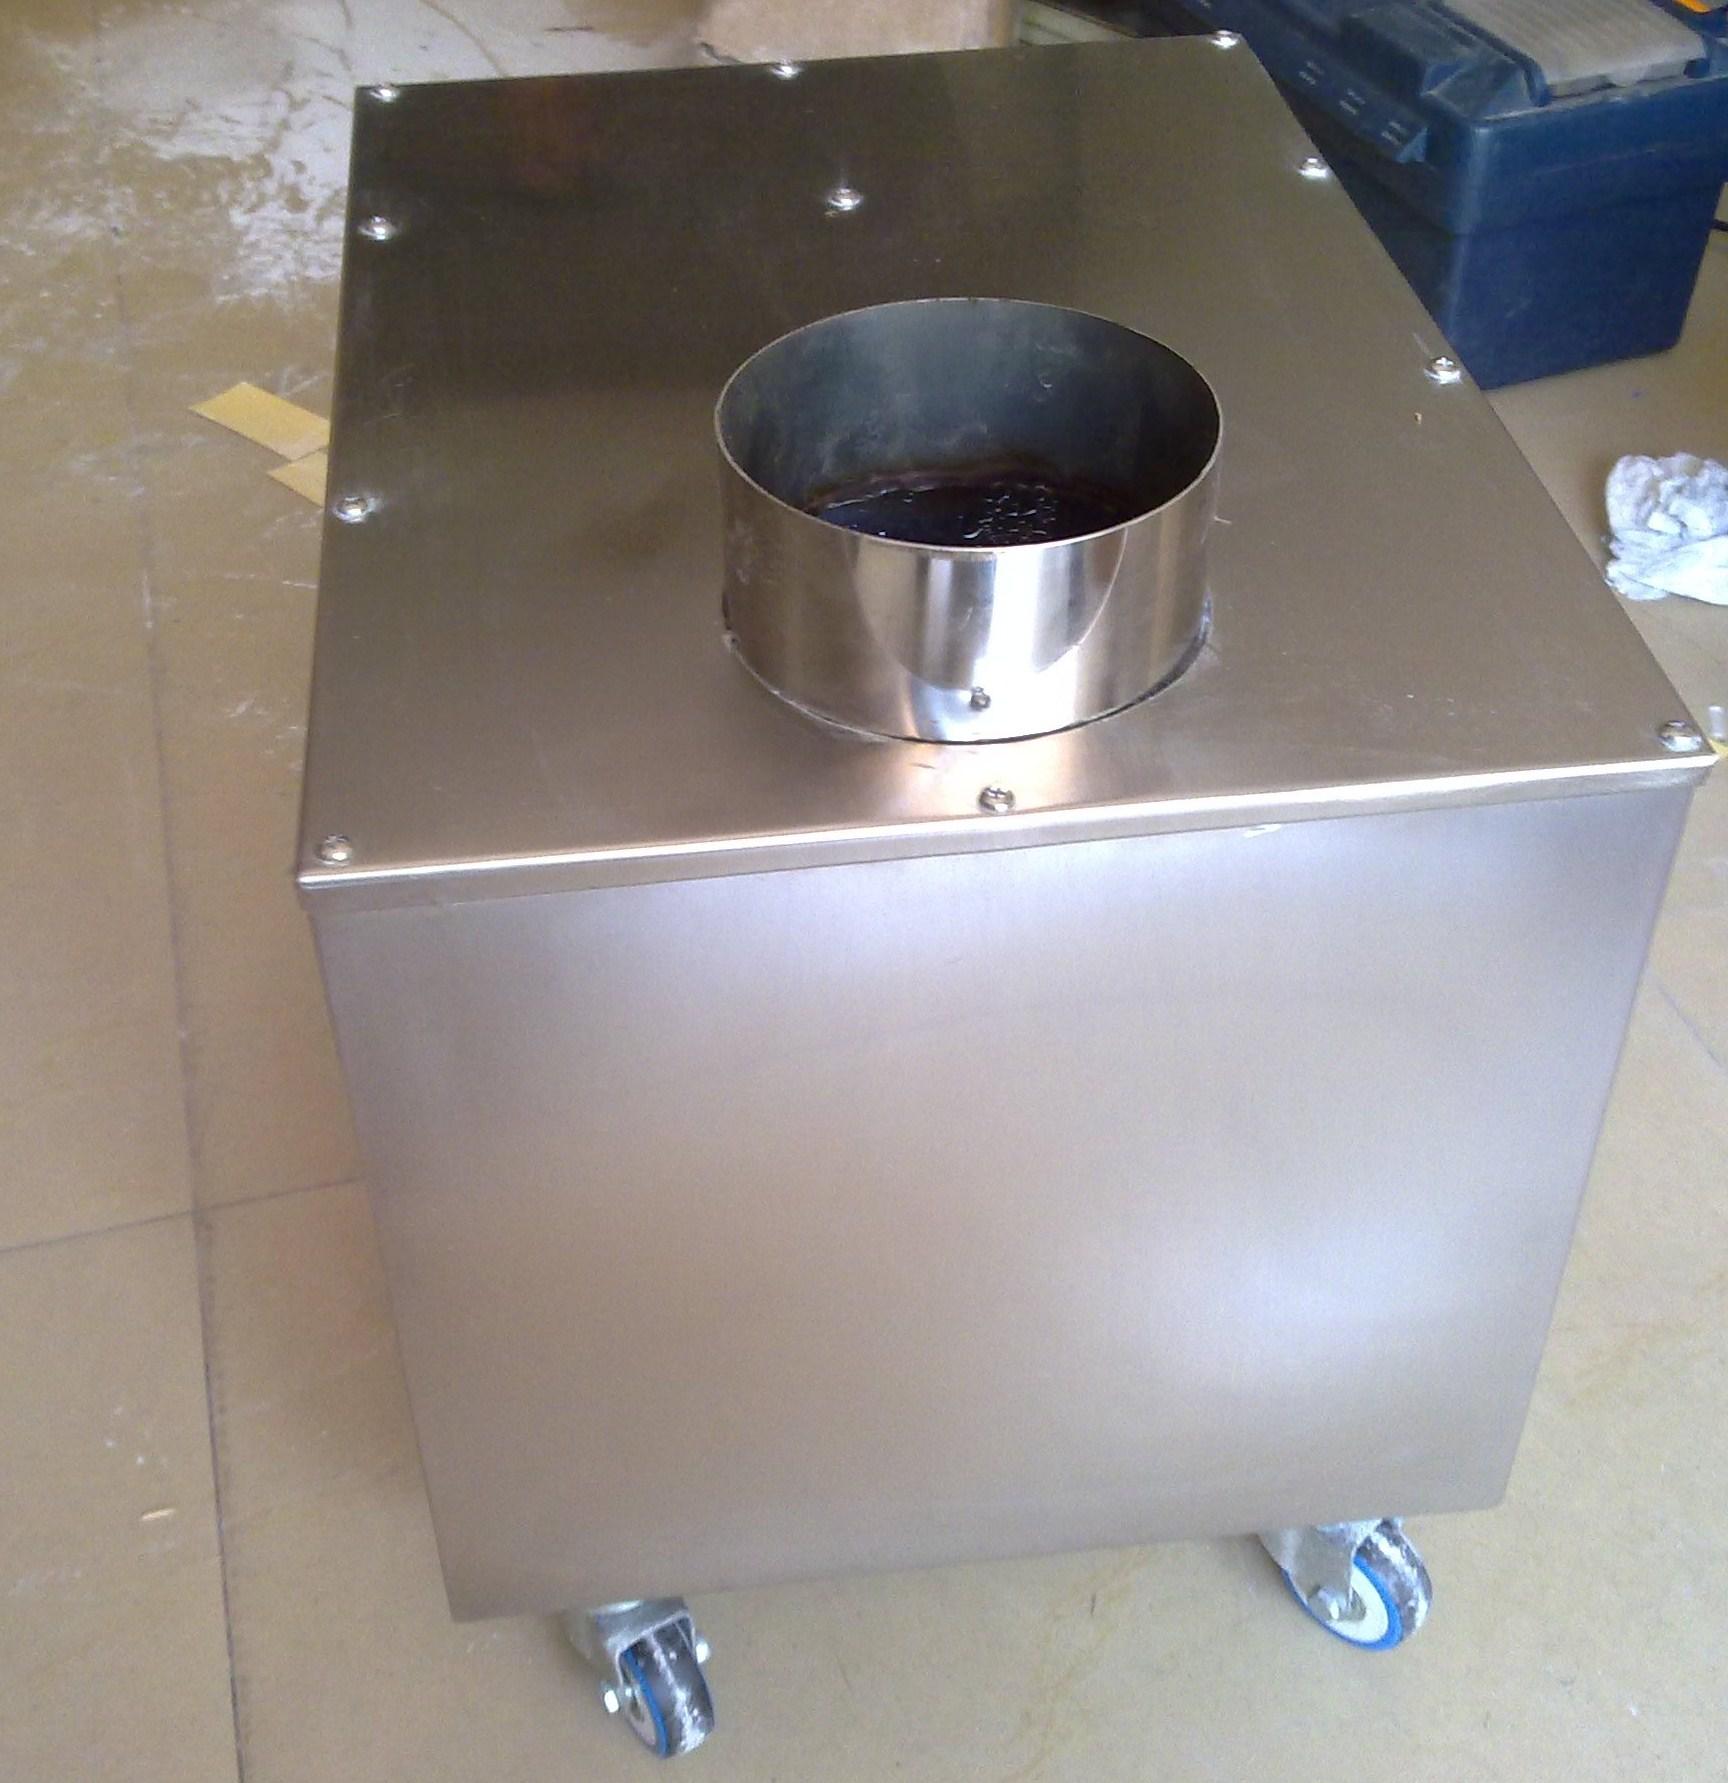 ylc-9 不锈钢式超声波加湿器全不锈钢机体,模块化机芯设计,可